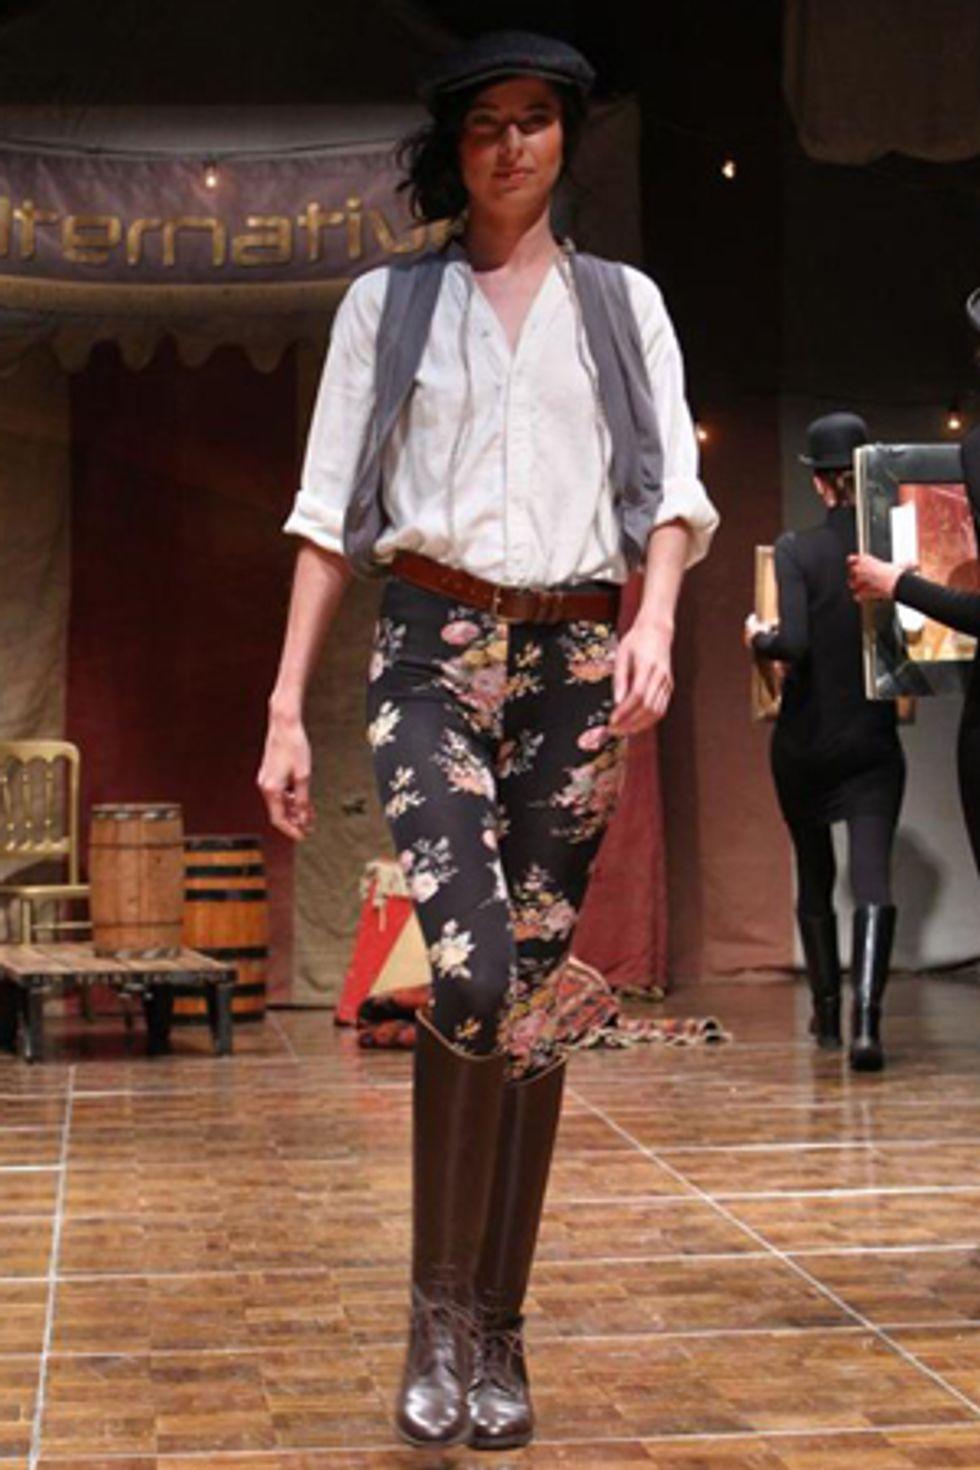 L.A. Fashion Week Report: Alternative Apparel Goes Farm Boy Chic